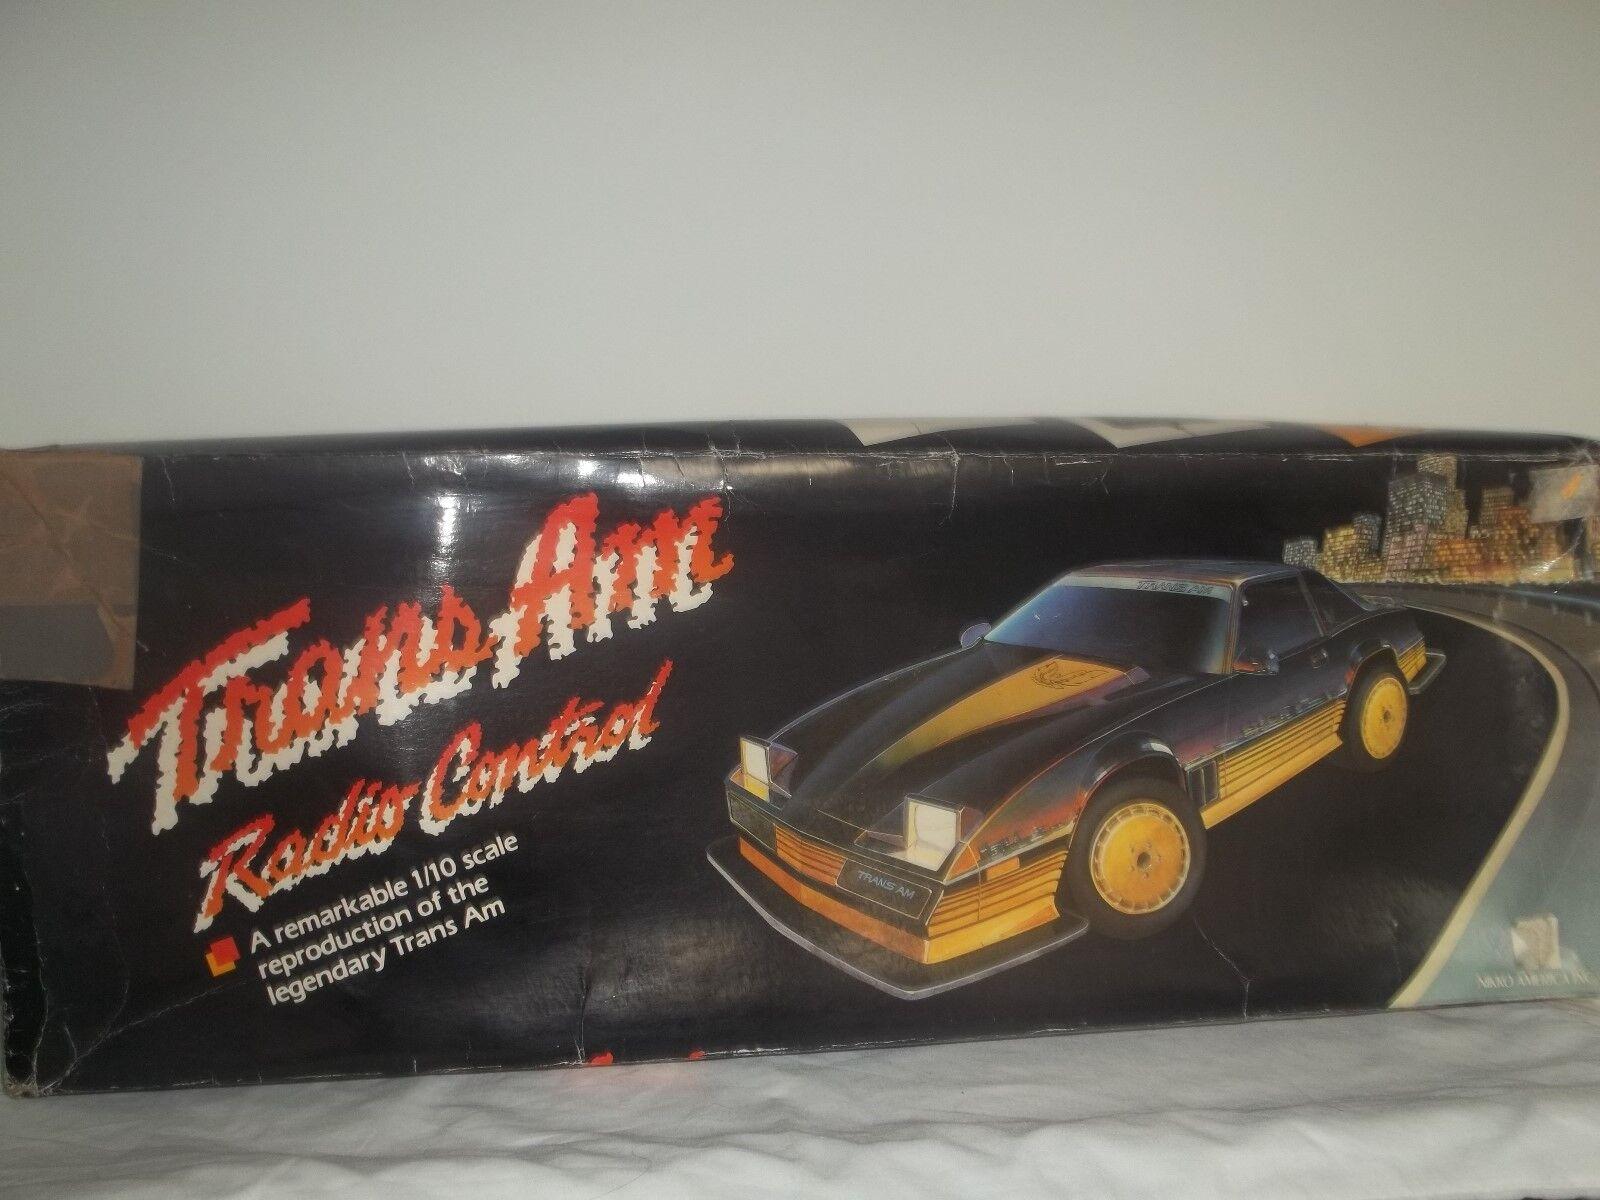 presentando tutte le ultime tendenze della moda Vintage Rare Nikko R C Pontiac Trans Am 1 1 1 10 nuovo  marchi di stilisti economici